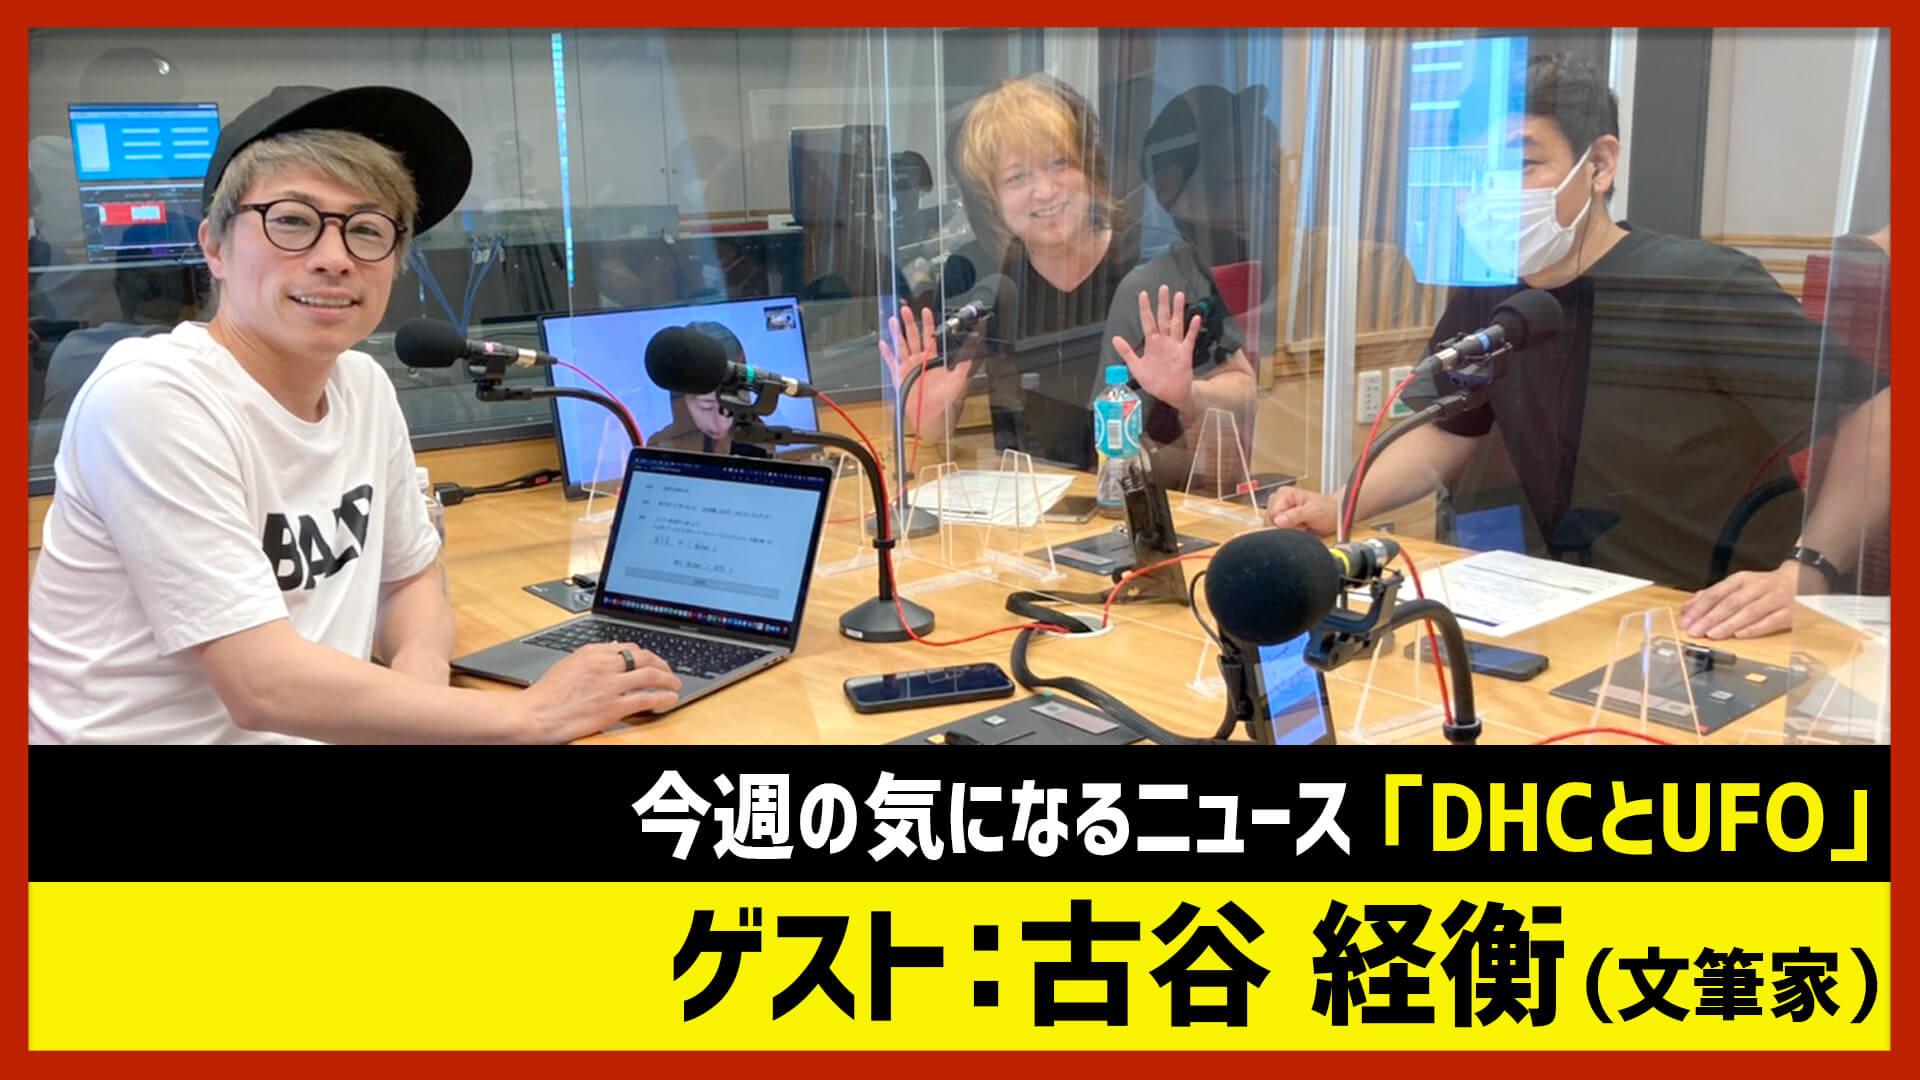 【田村淳のNewsCLUB】ゲスト: 古谷経衡さん(2021年6月5日前半)